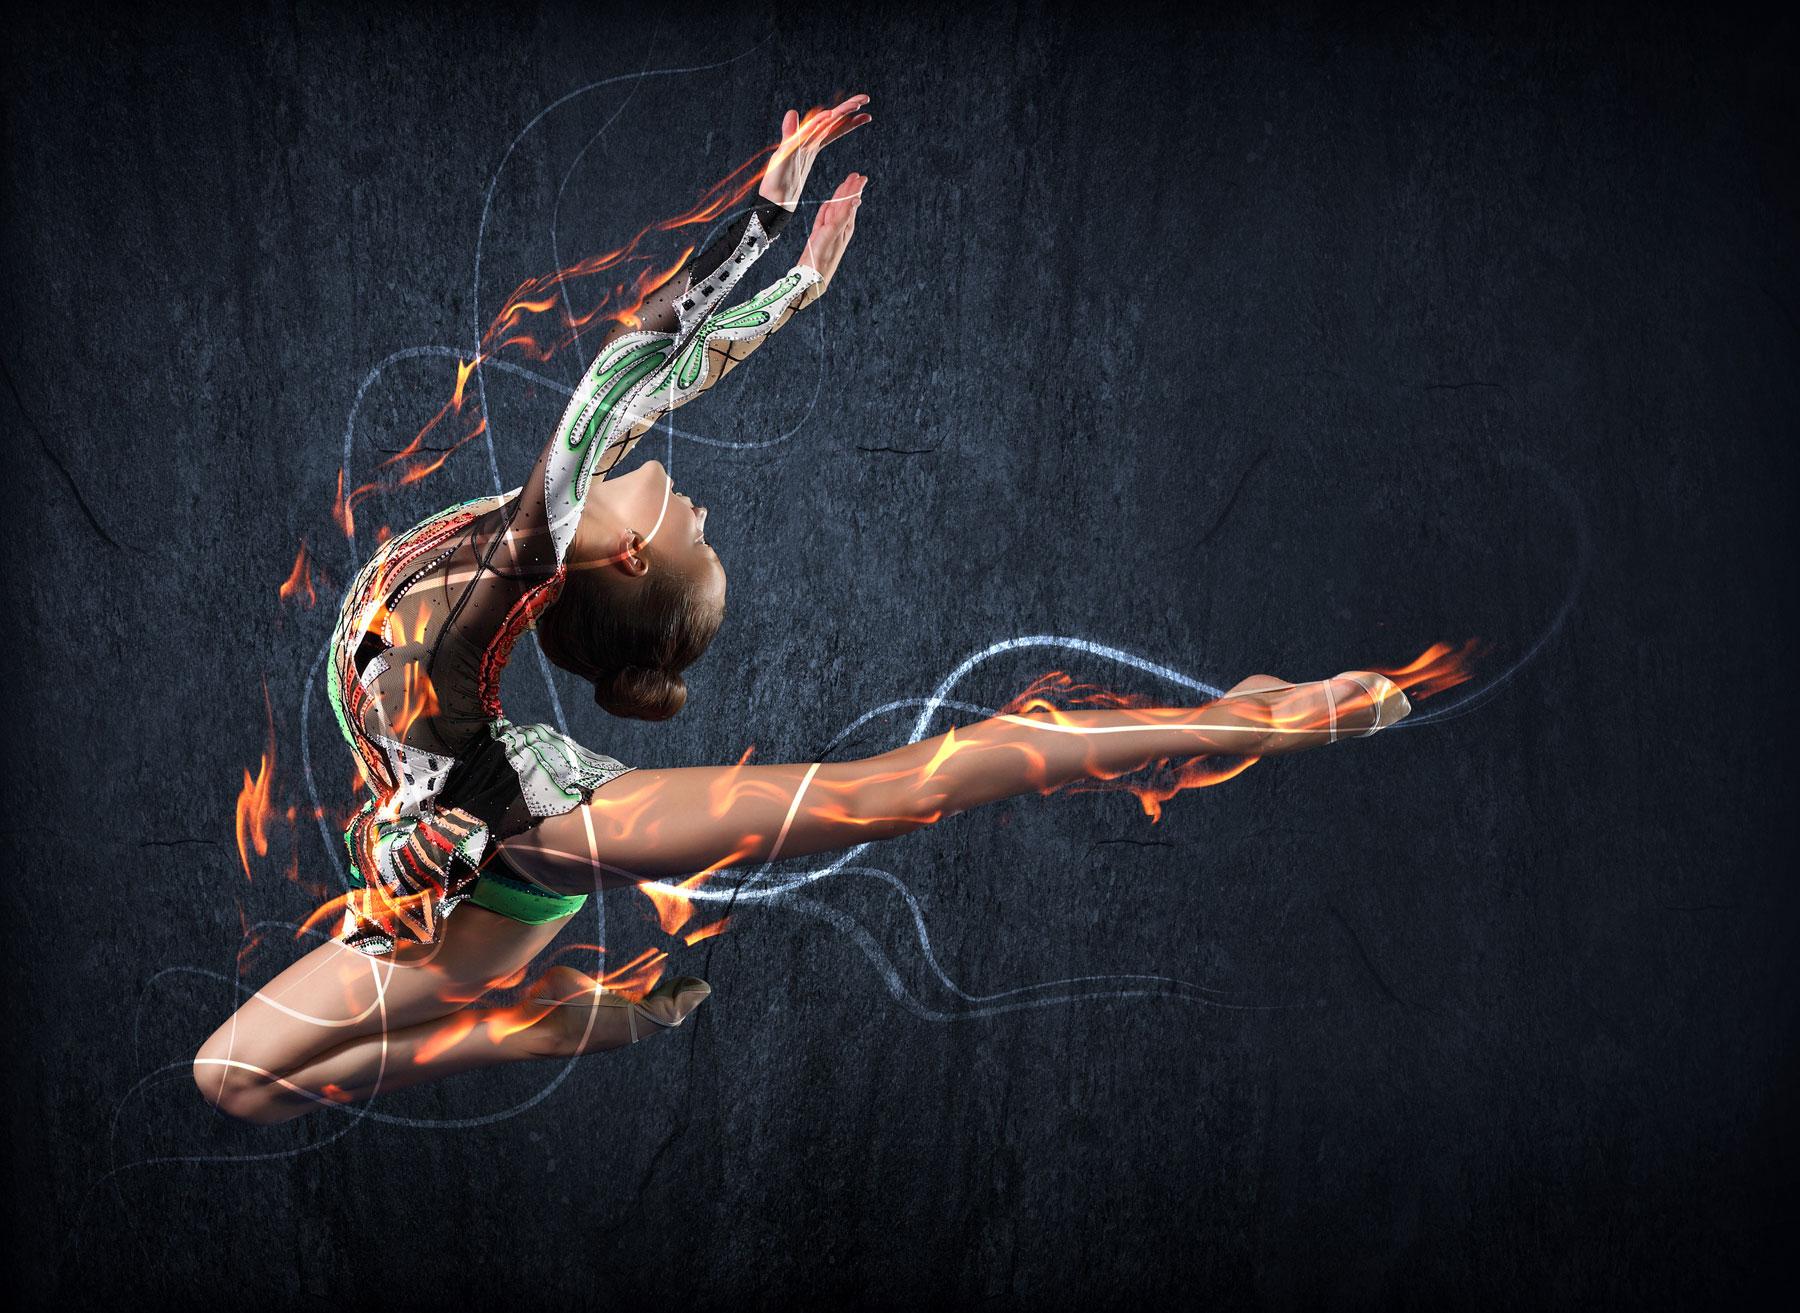 Фотосессия костюмов гимнасток 14 фотография